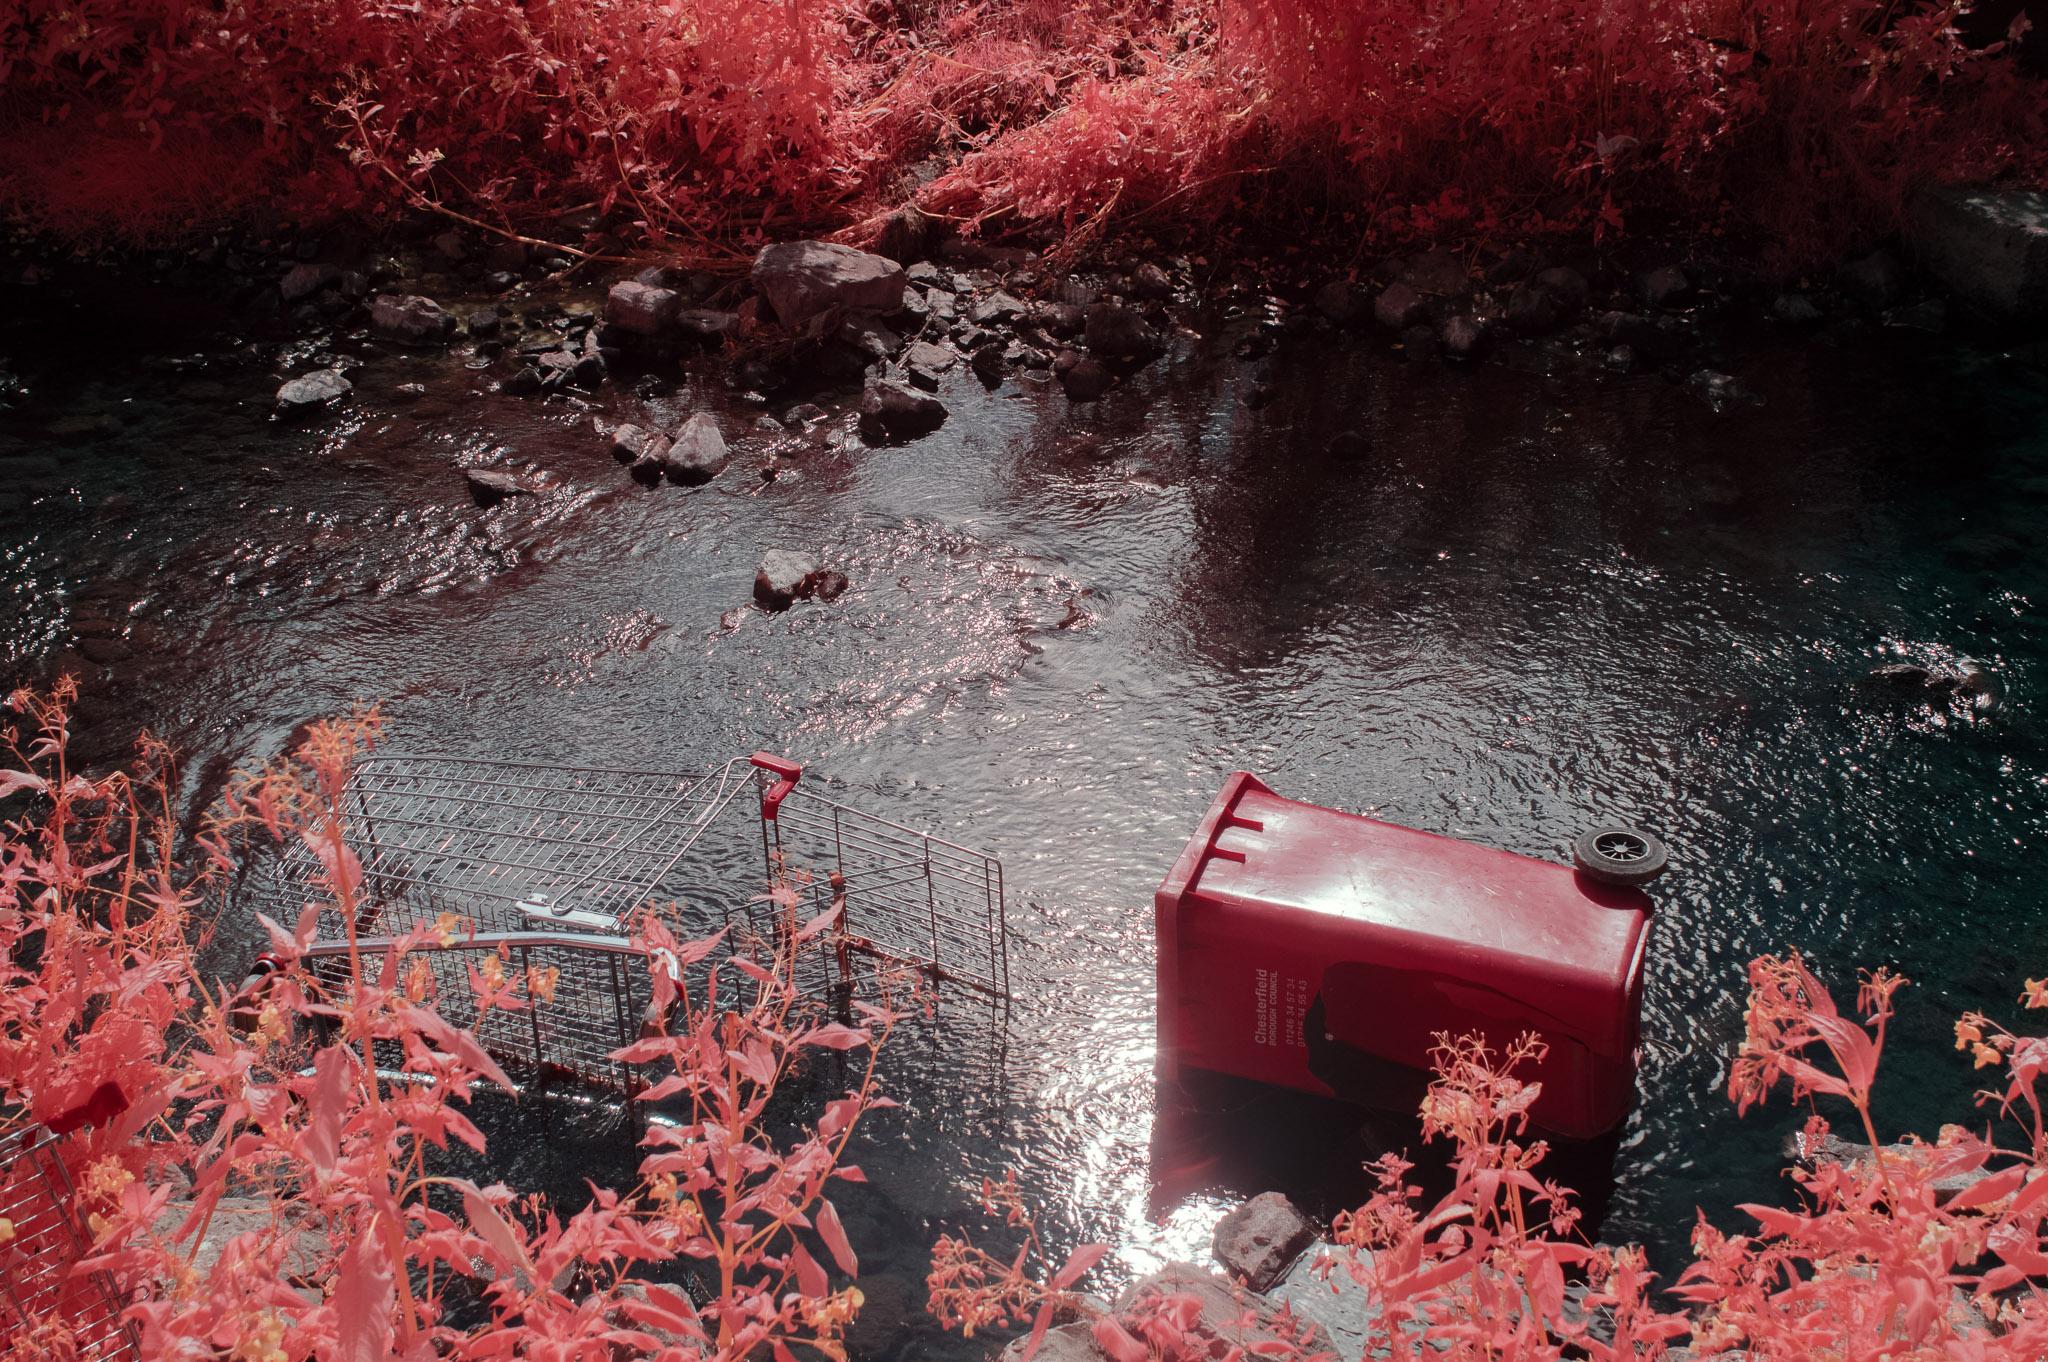 Kodak EIR Colour Infrared, Edgelands, Wasteland, Out of sight, Bin, River ©Jonny Sutton